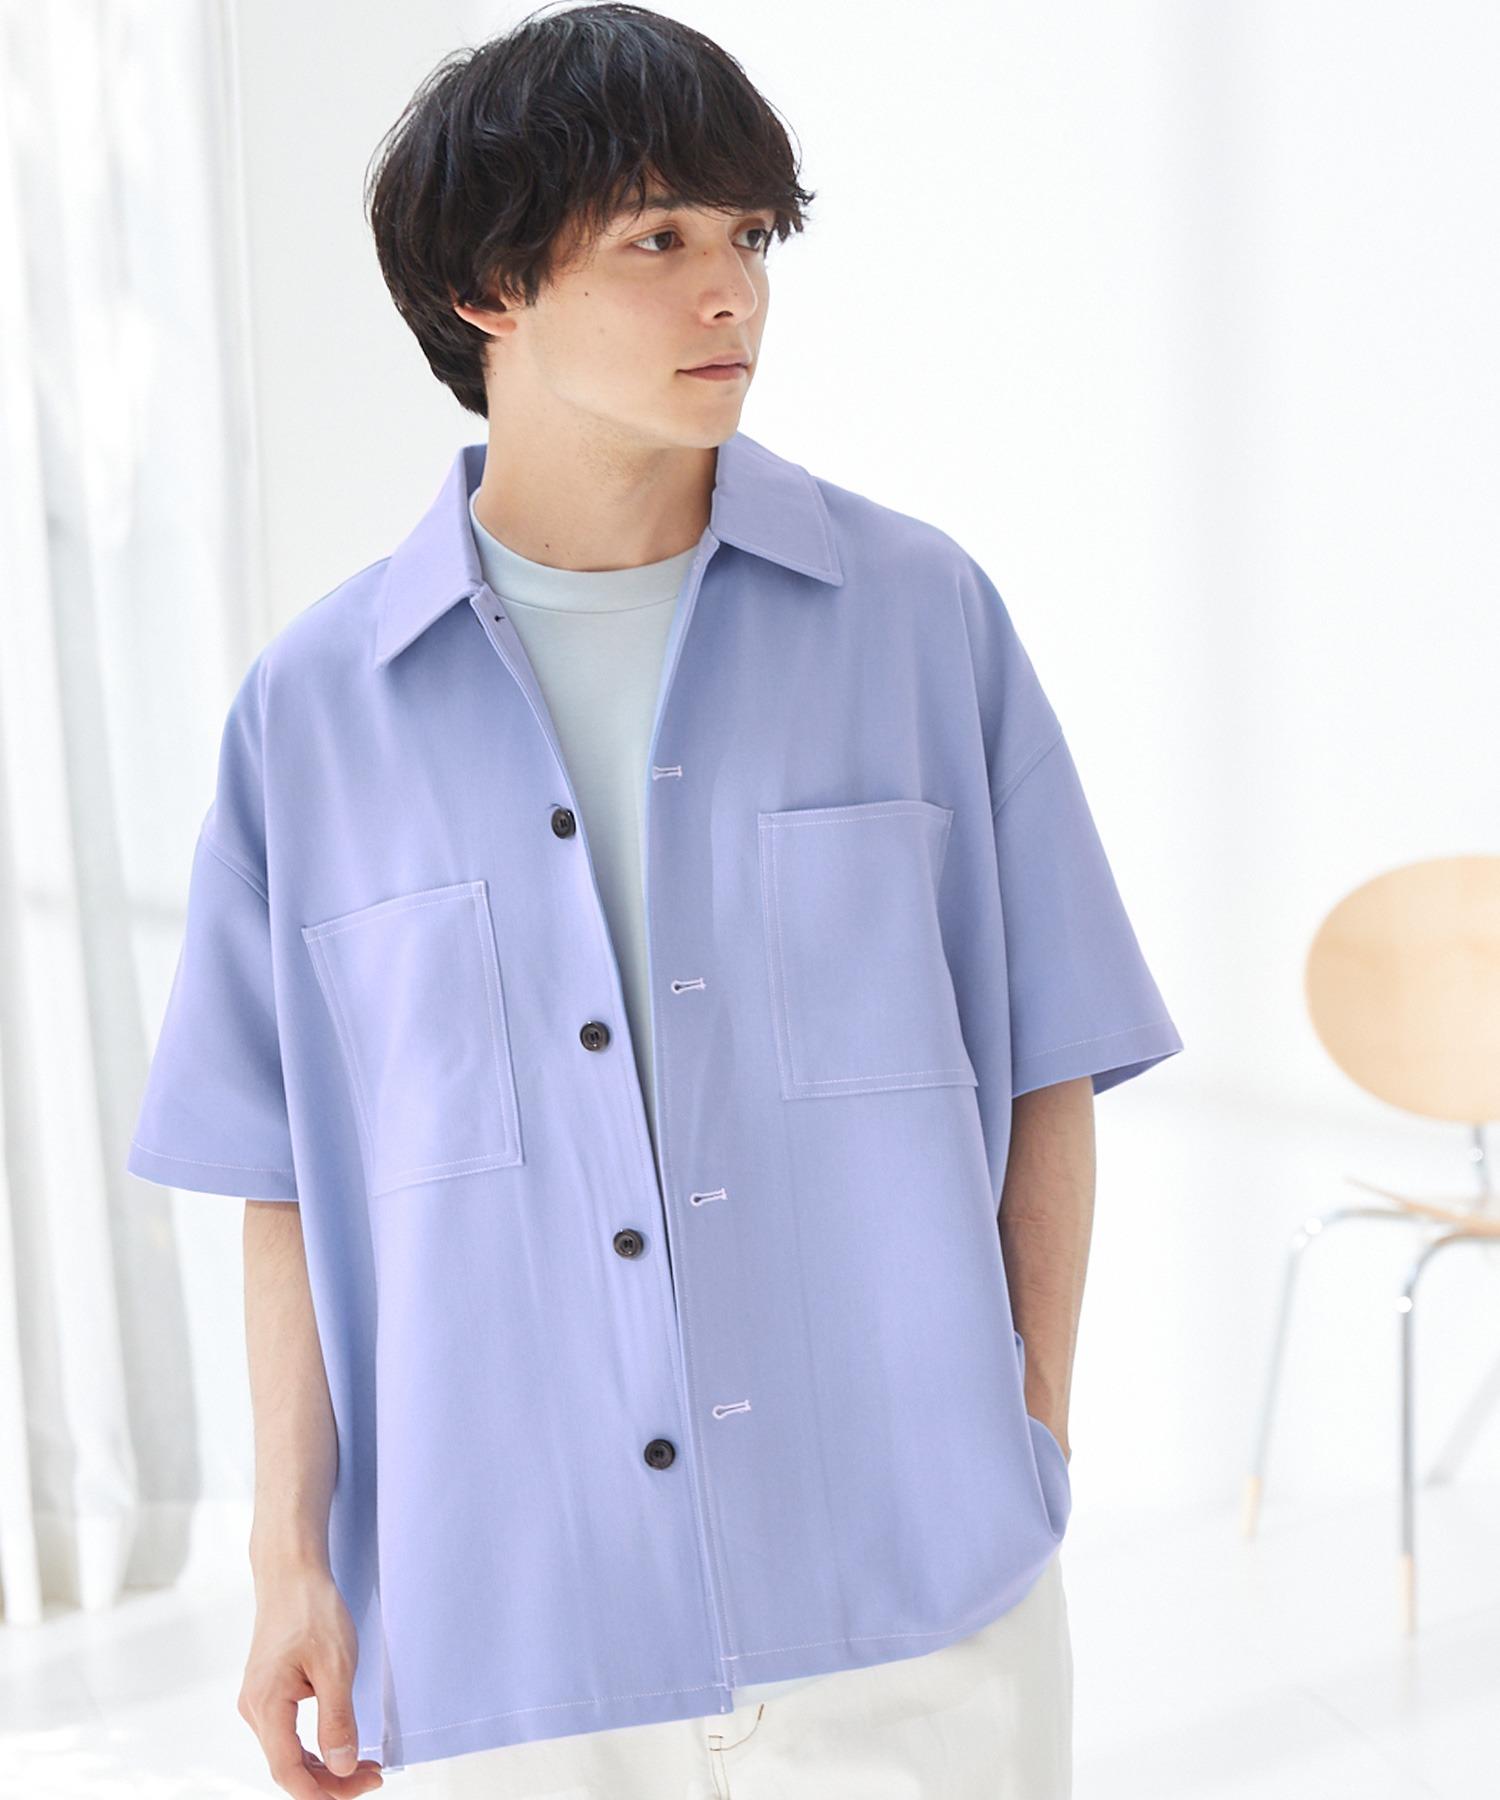 TRストレッチ ビッグステッチ オーバーサイズ レギュラカラーCPOシャツ(1/2 sleeve) -2021SUMMER-